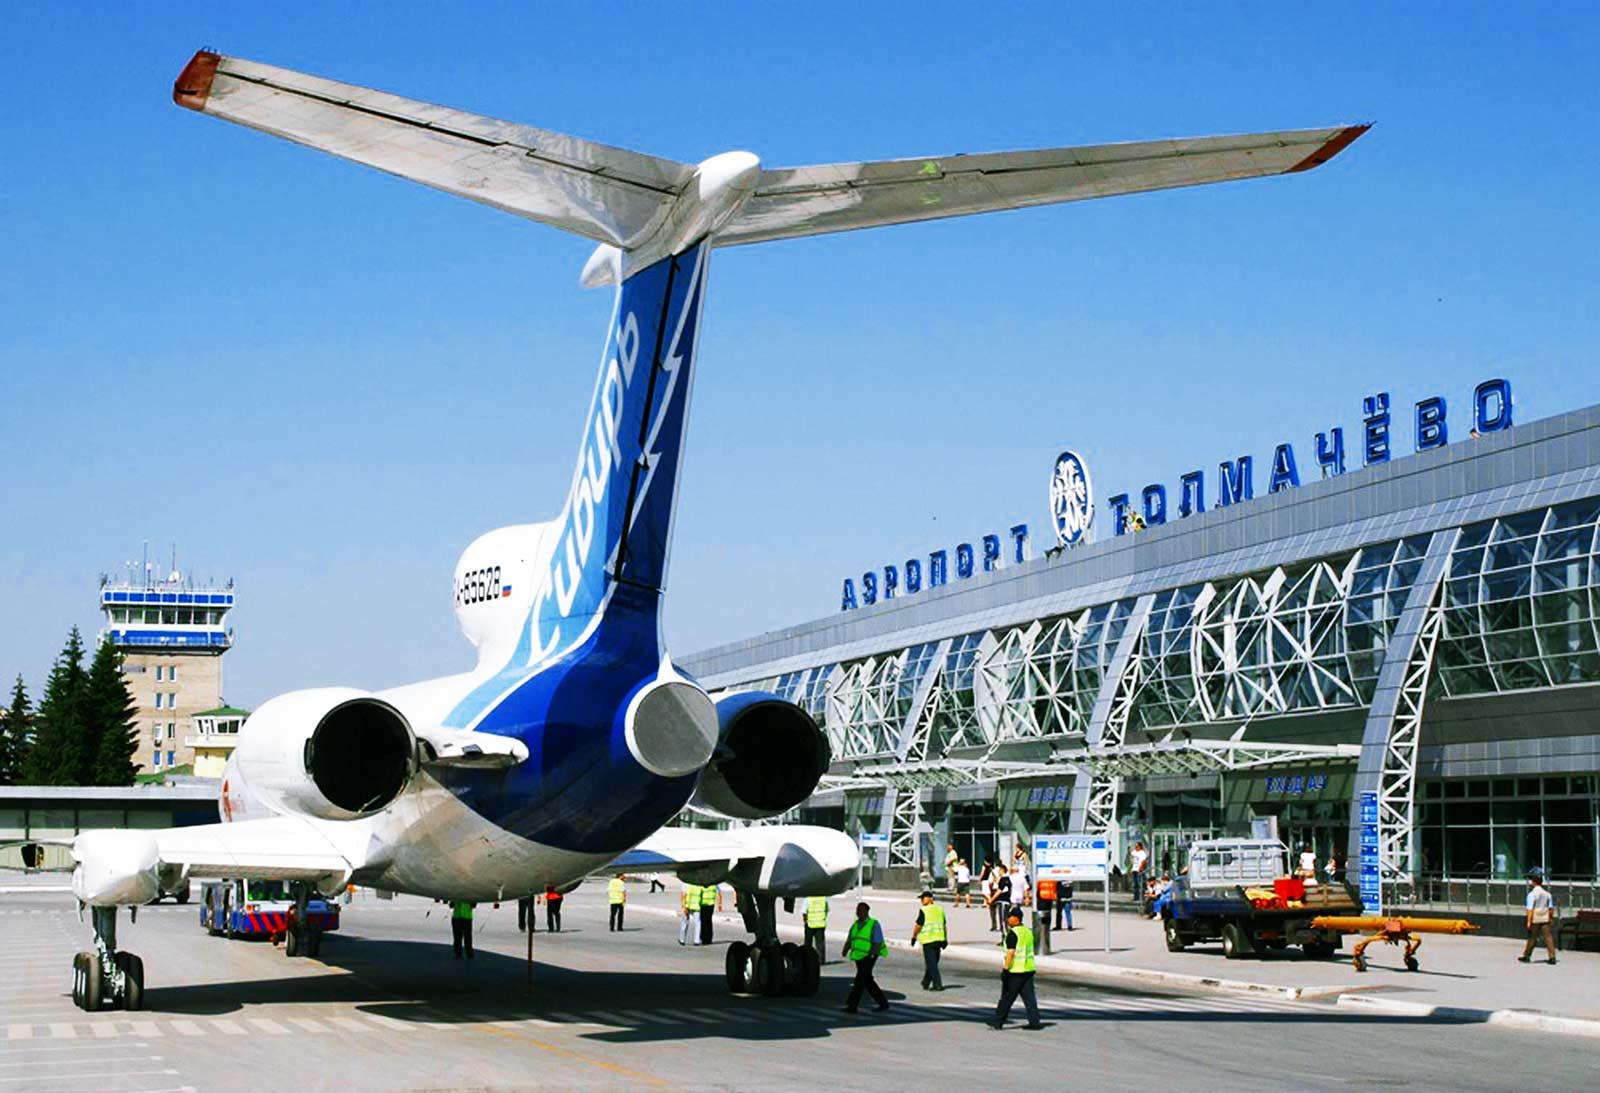 Aeroport Novosibirsk Tolmachevo - Цех бортового питания появится в «Толмачево»